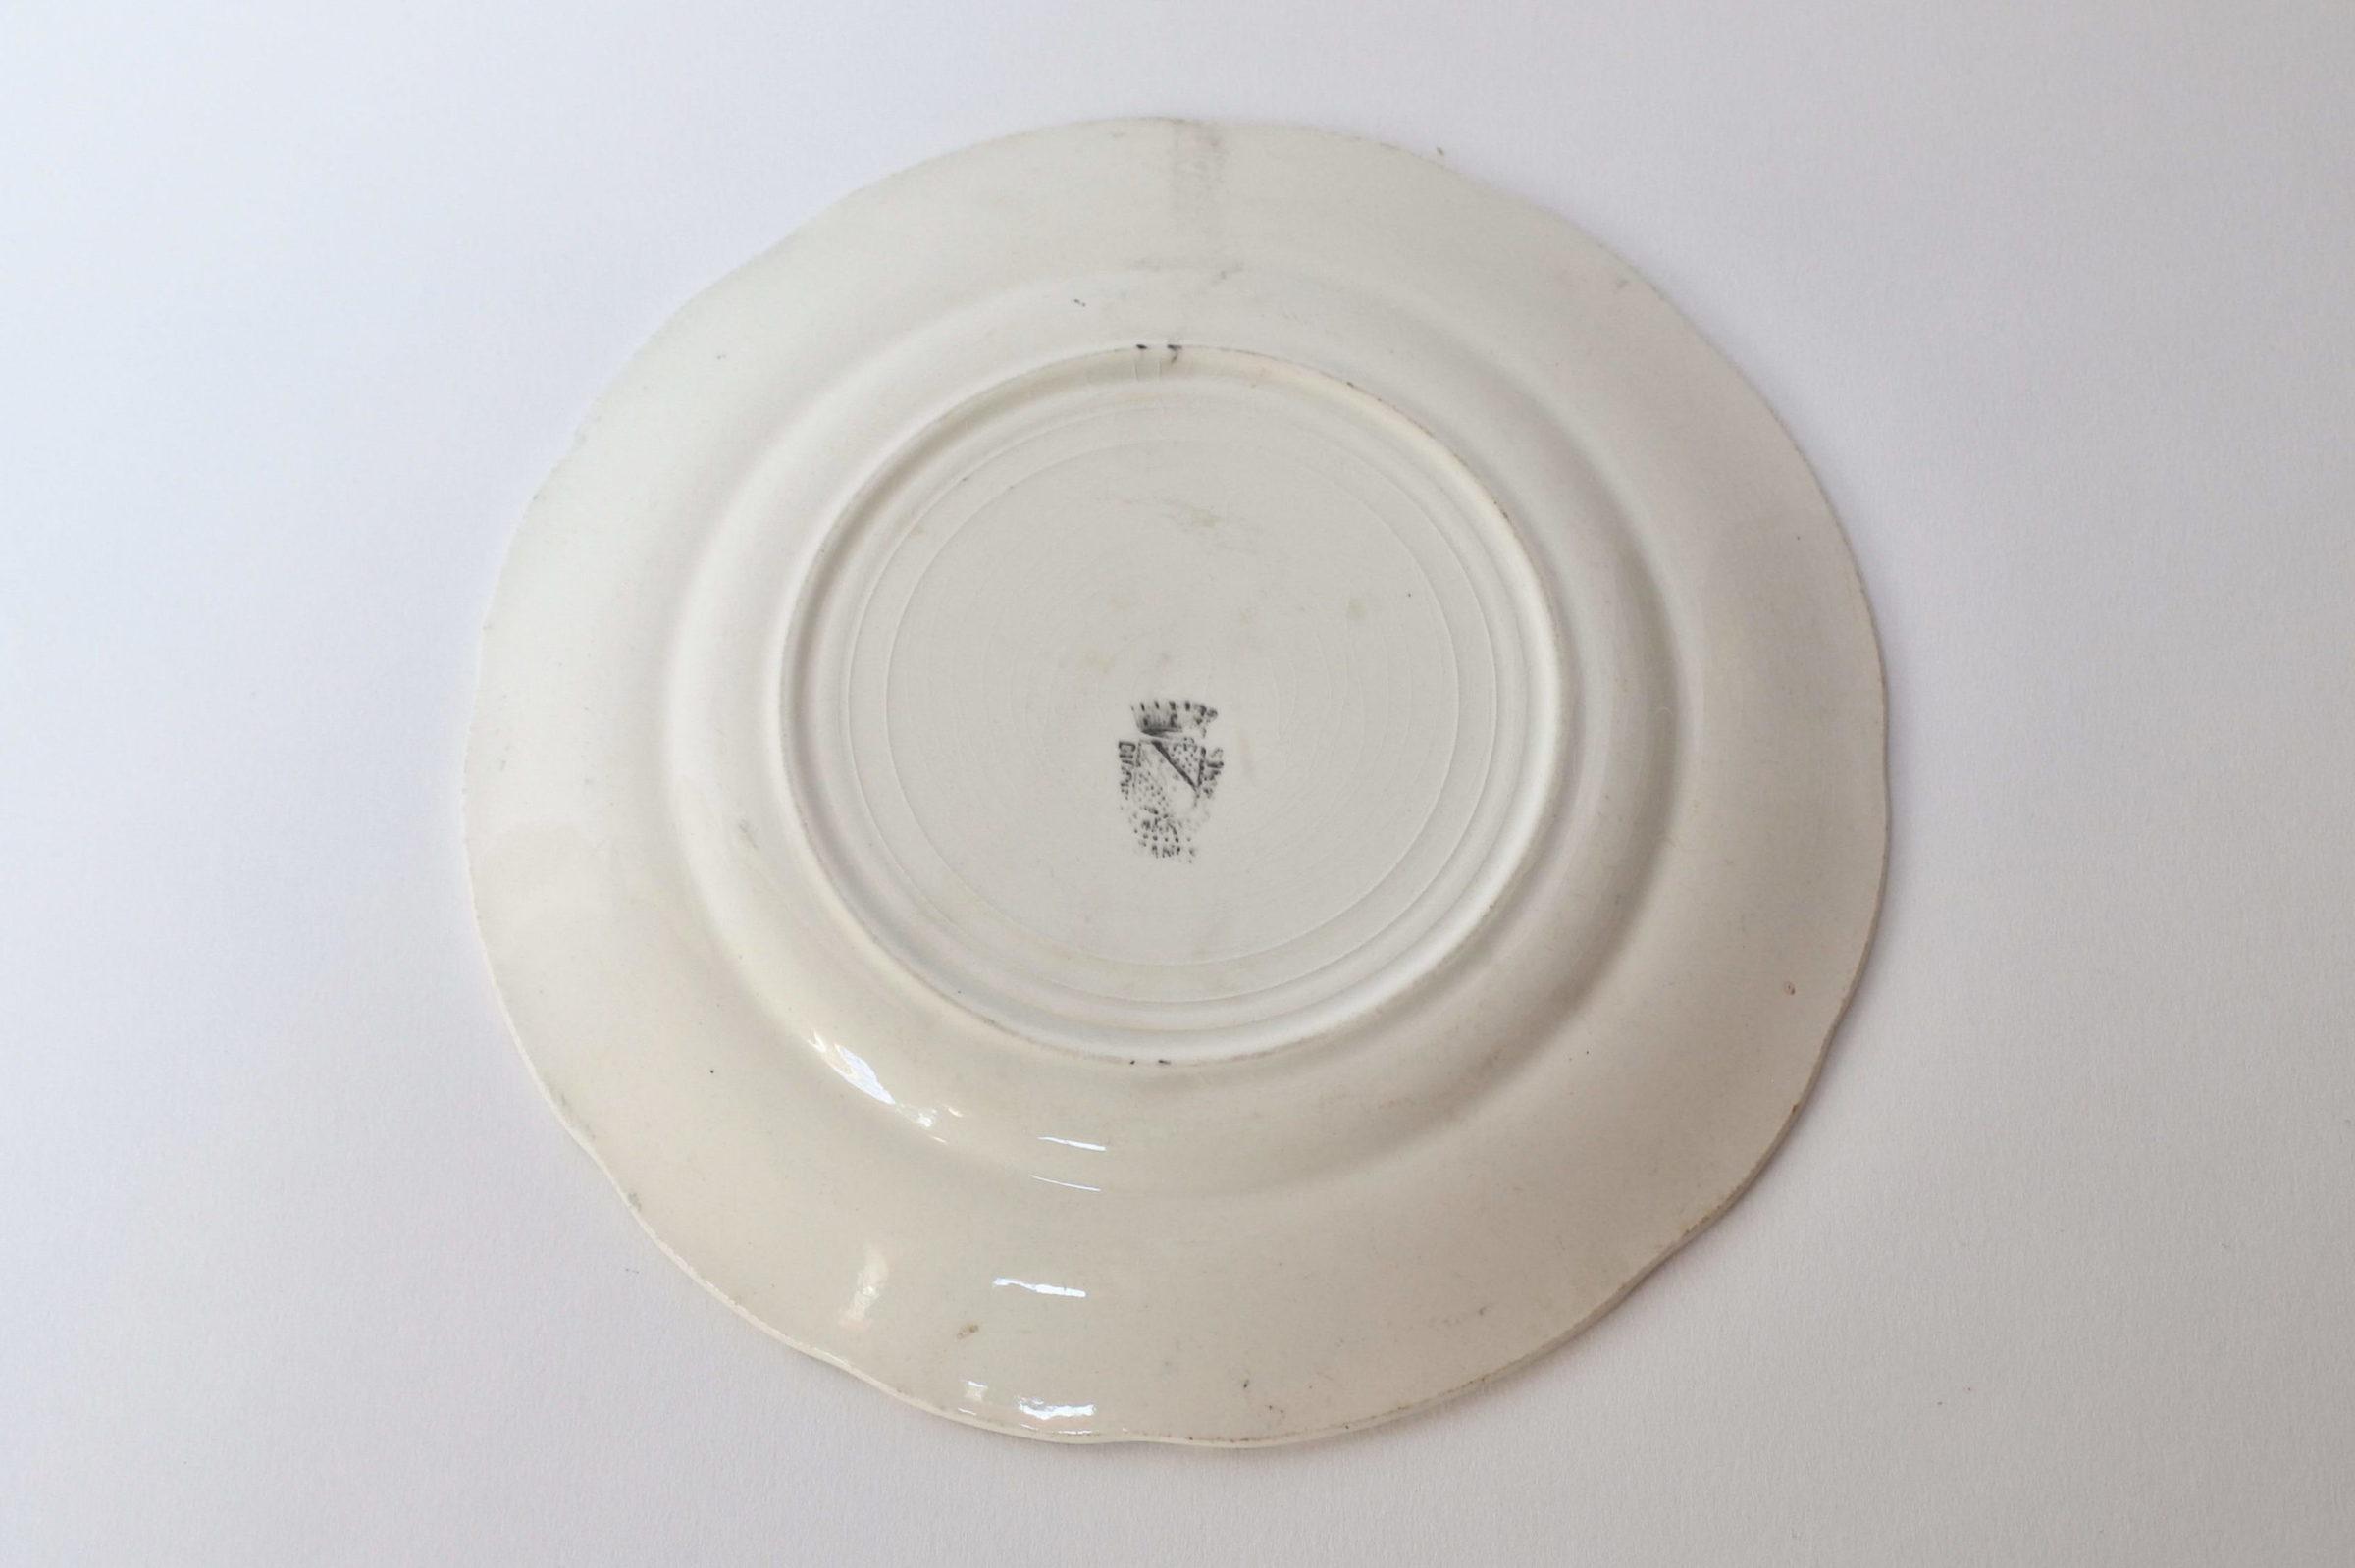 Piatto in ceramica con decoro Napoleone Bonaparte - Sarreguemines - 2